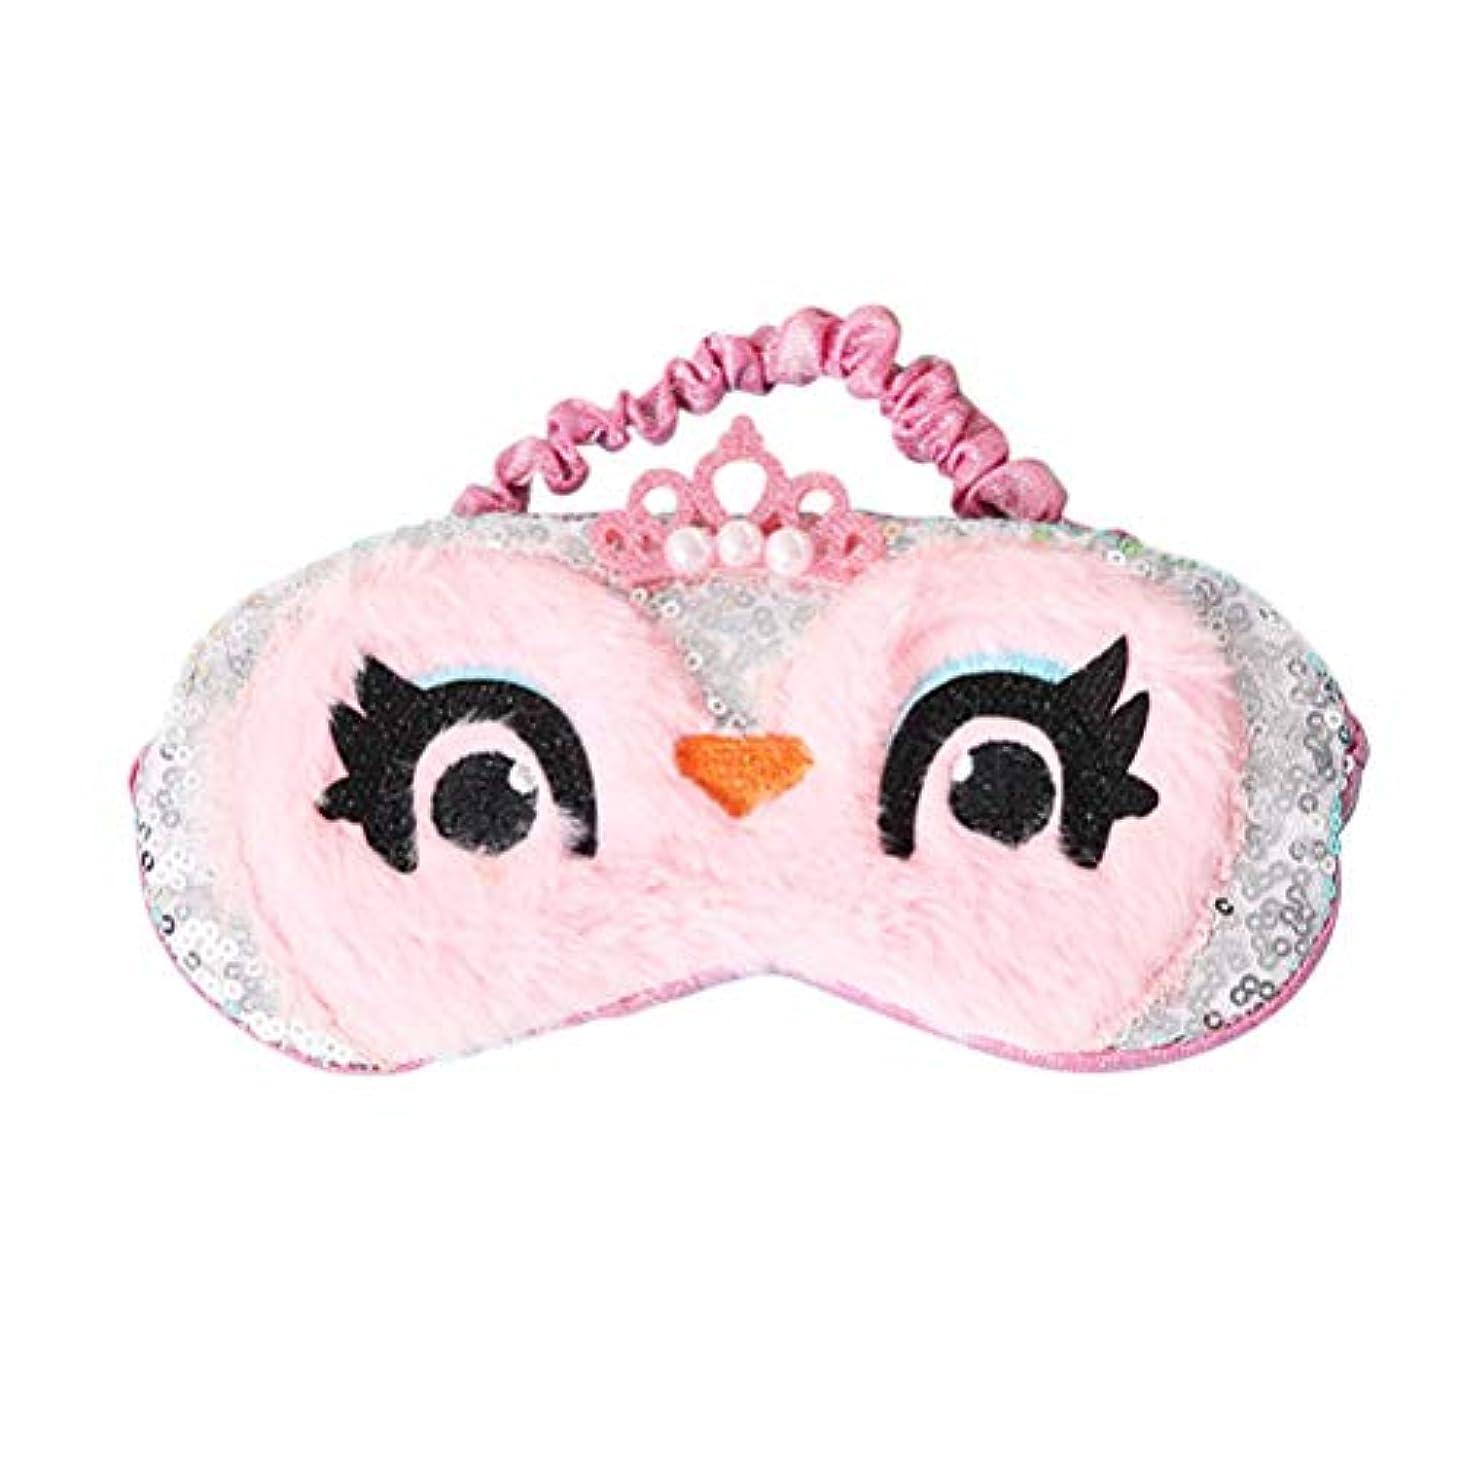 ソロ現代みなすHealifty アイマスクかわいいぬいぐるみ目隠しアイカバー用女性女の子子供ホームベッド旅行フライトカーキャンプ用(ピンク)